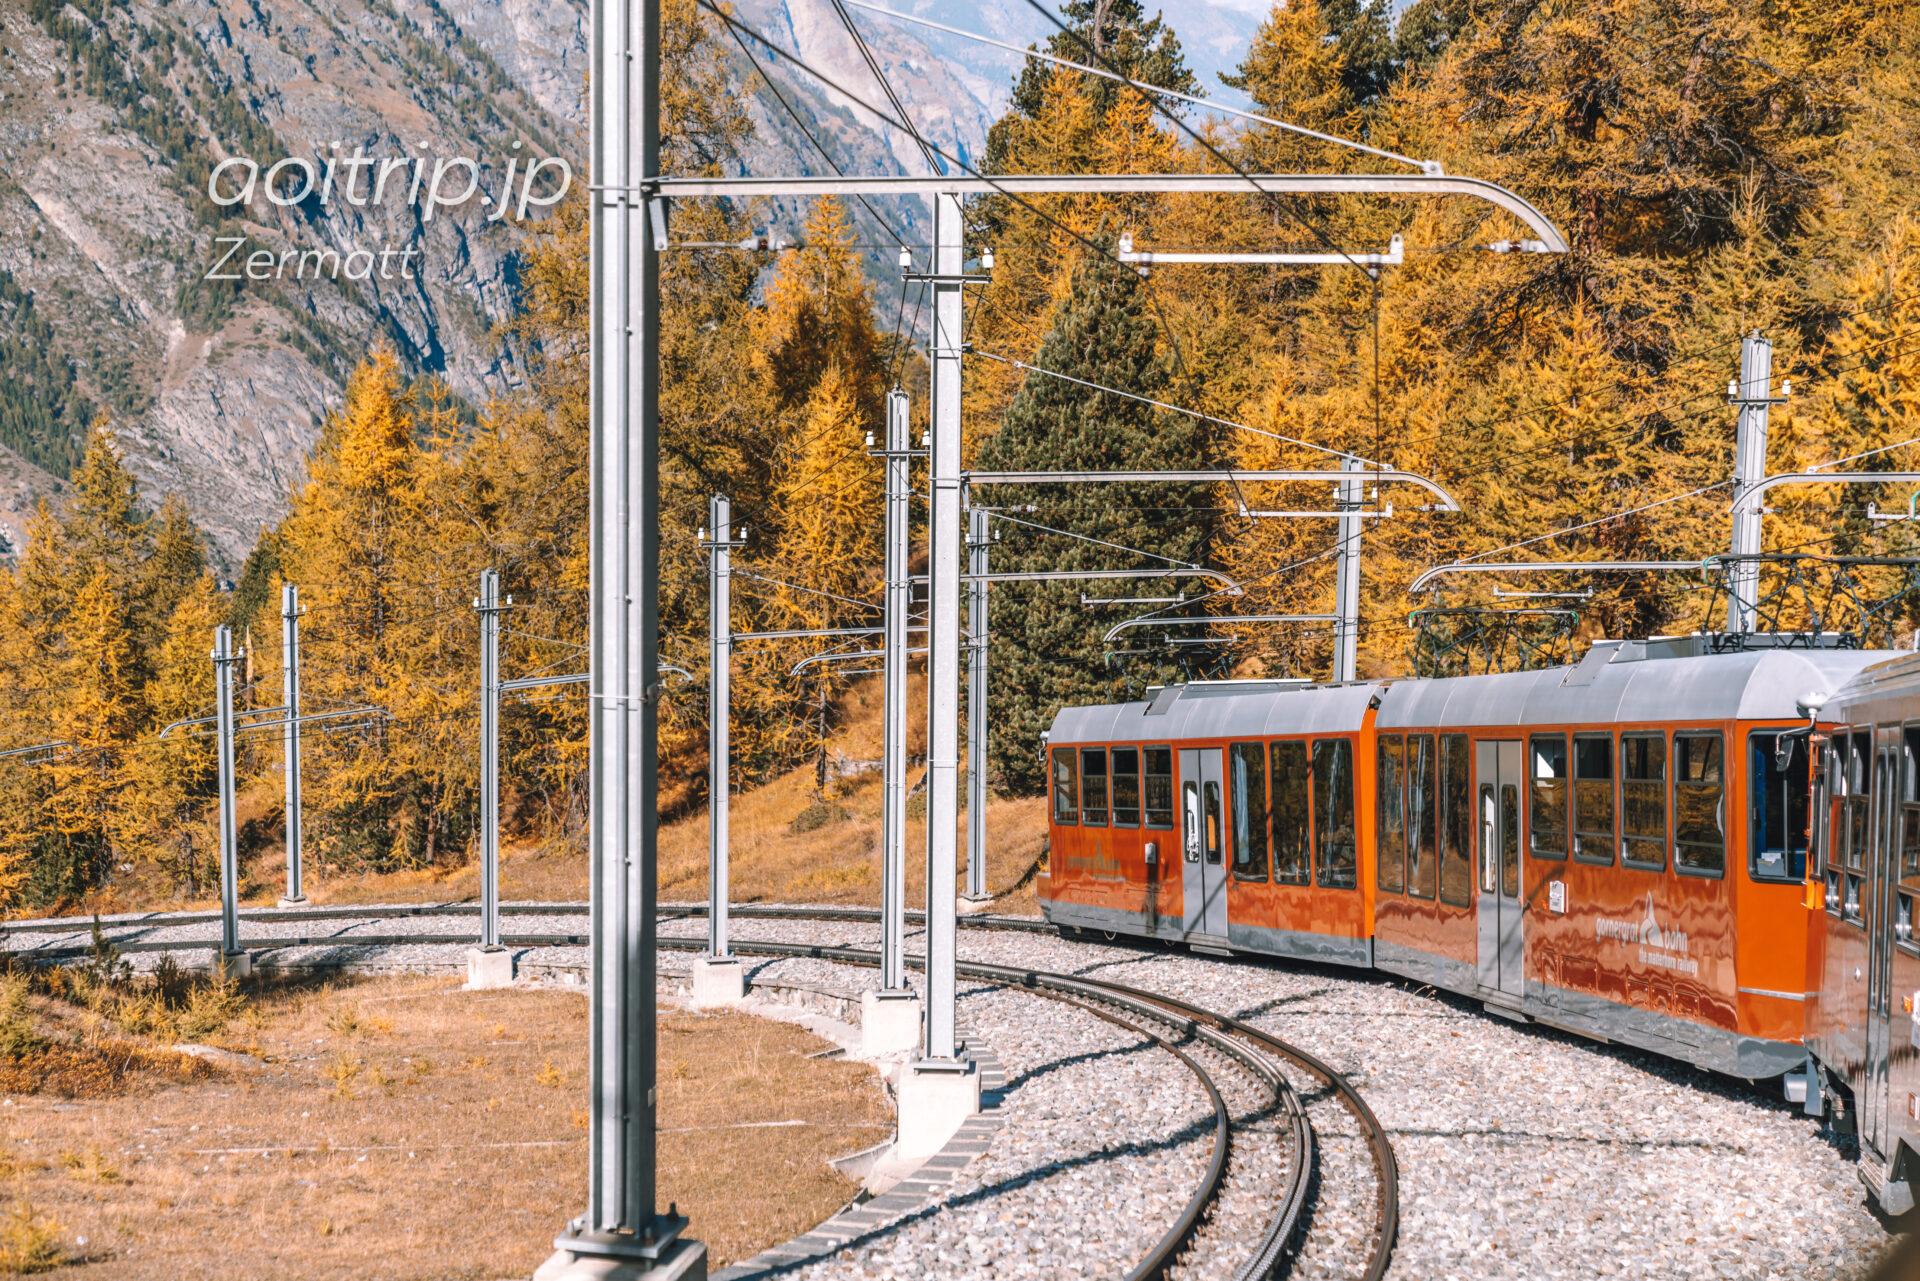 ゴルナーグラート鉄道